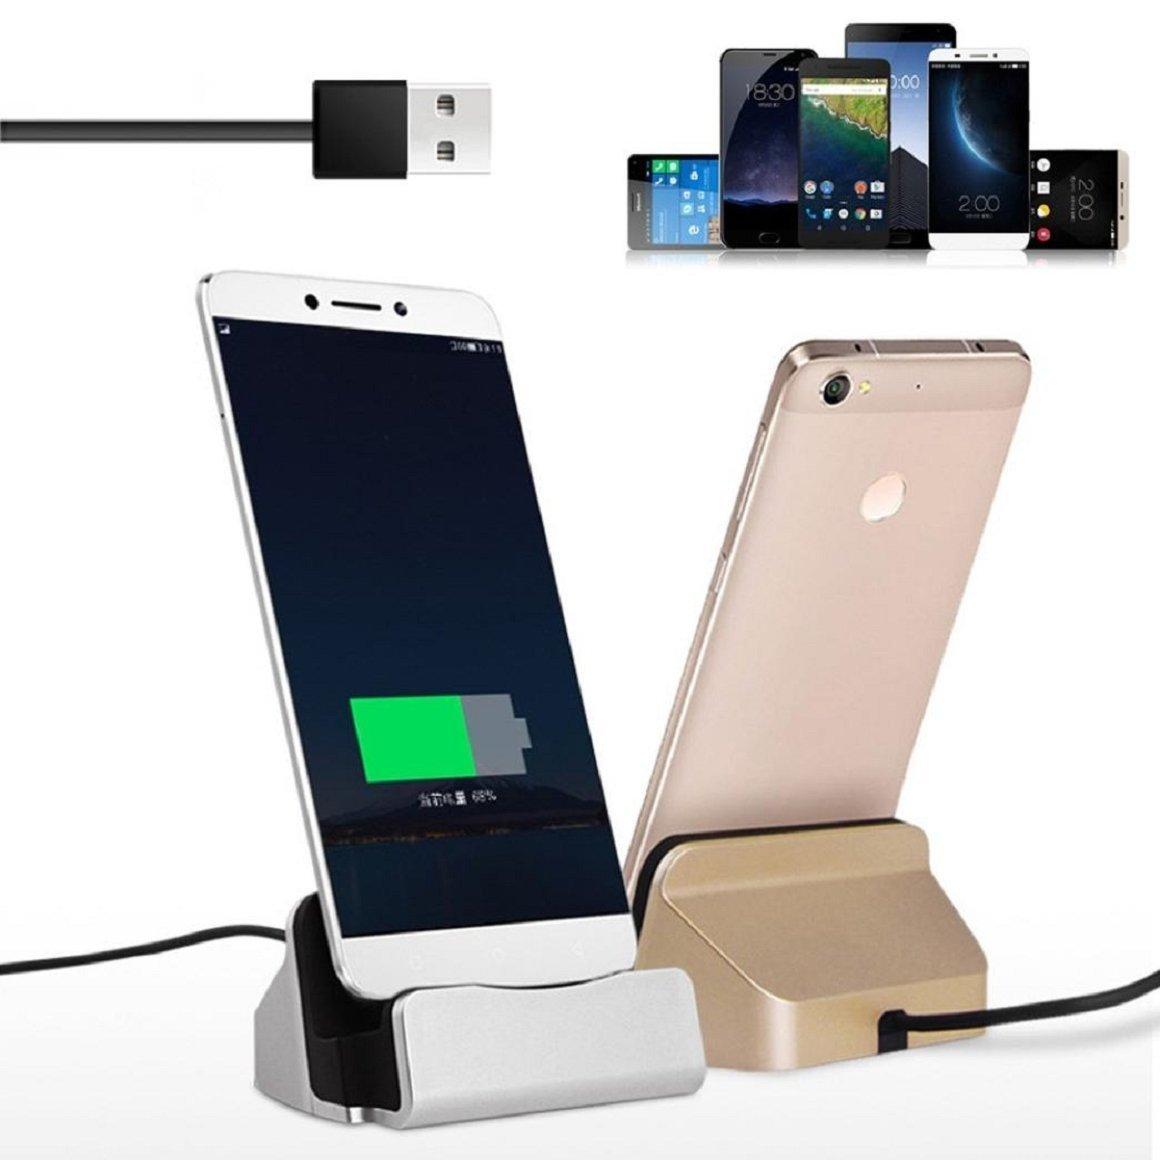 Bästsäljande USB 3.1 Type C Dockstation för LeEco Le 1s X500 X600 - Reservdelar och tillbehör för mobiltelefoner